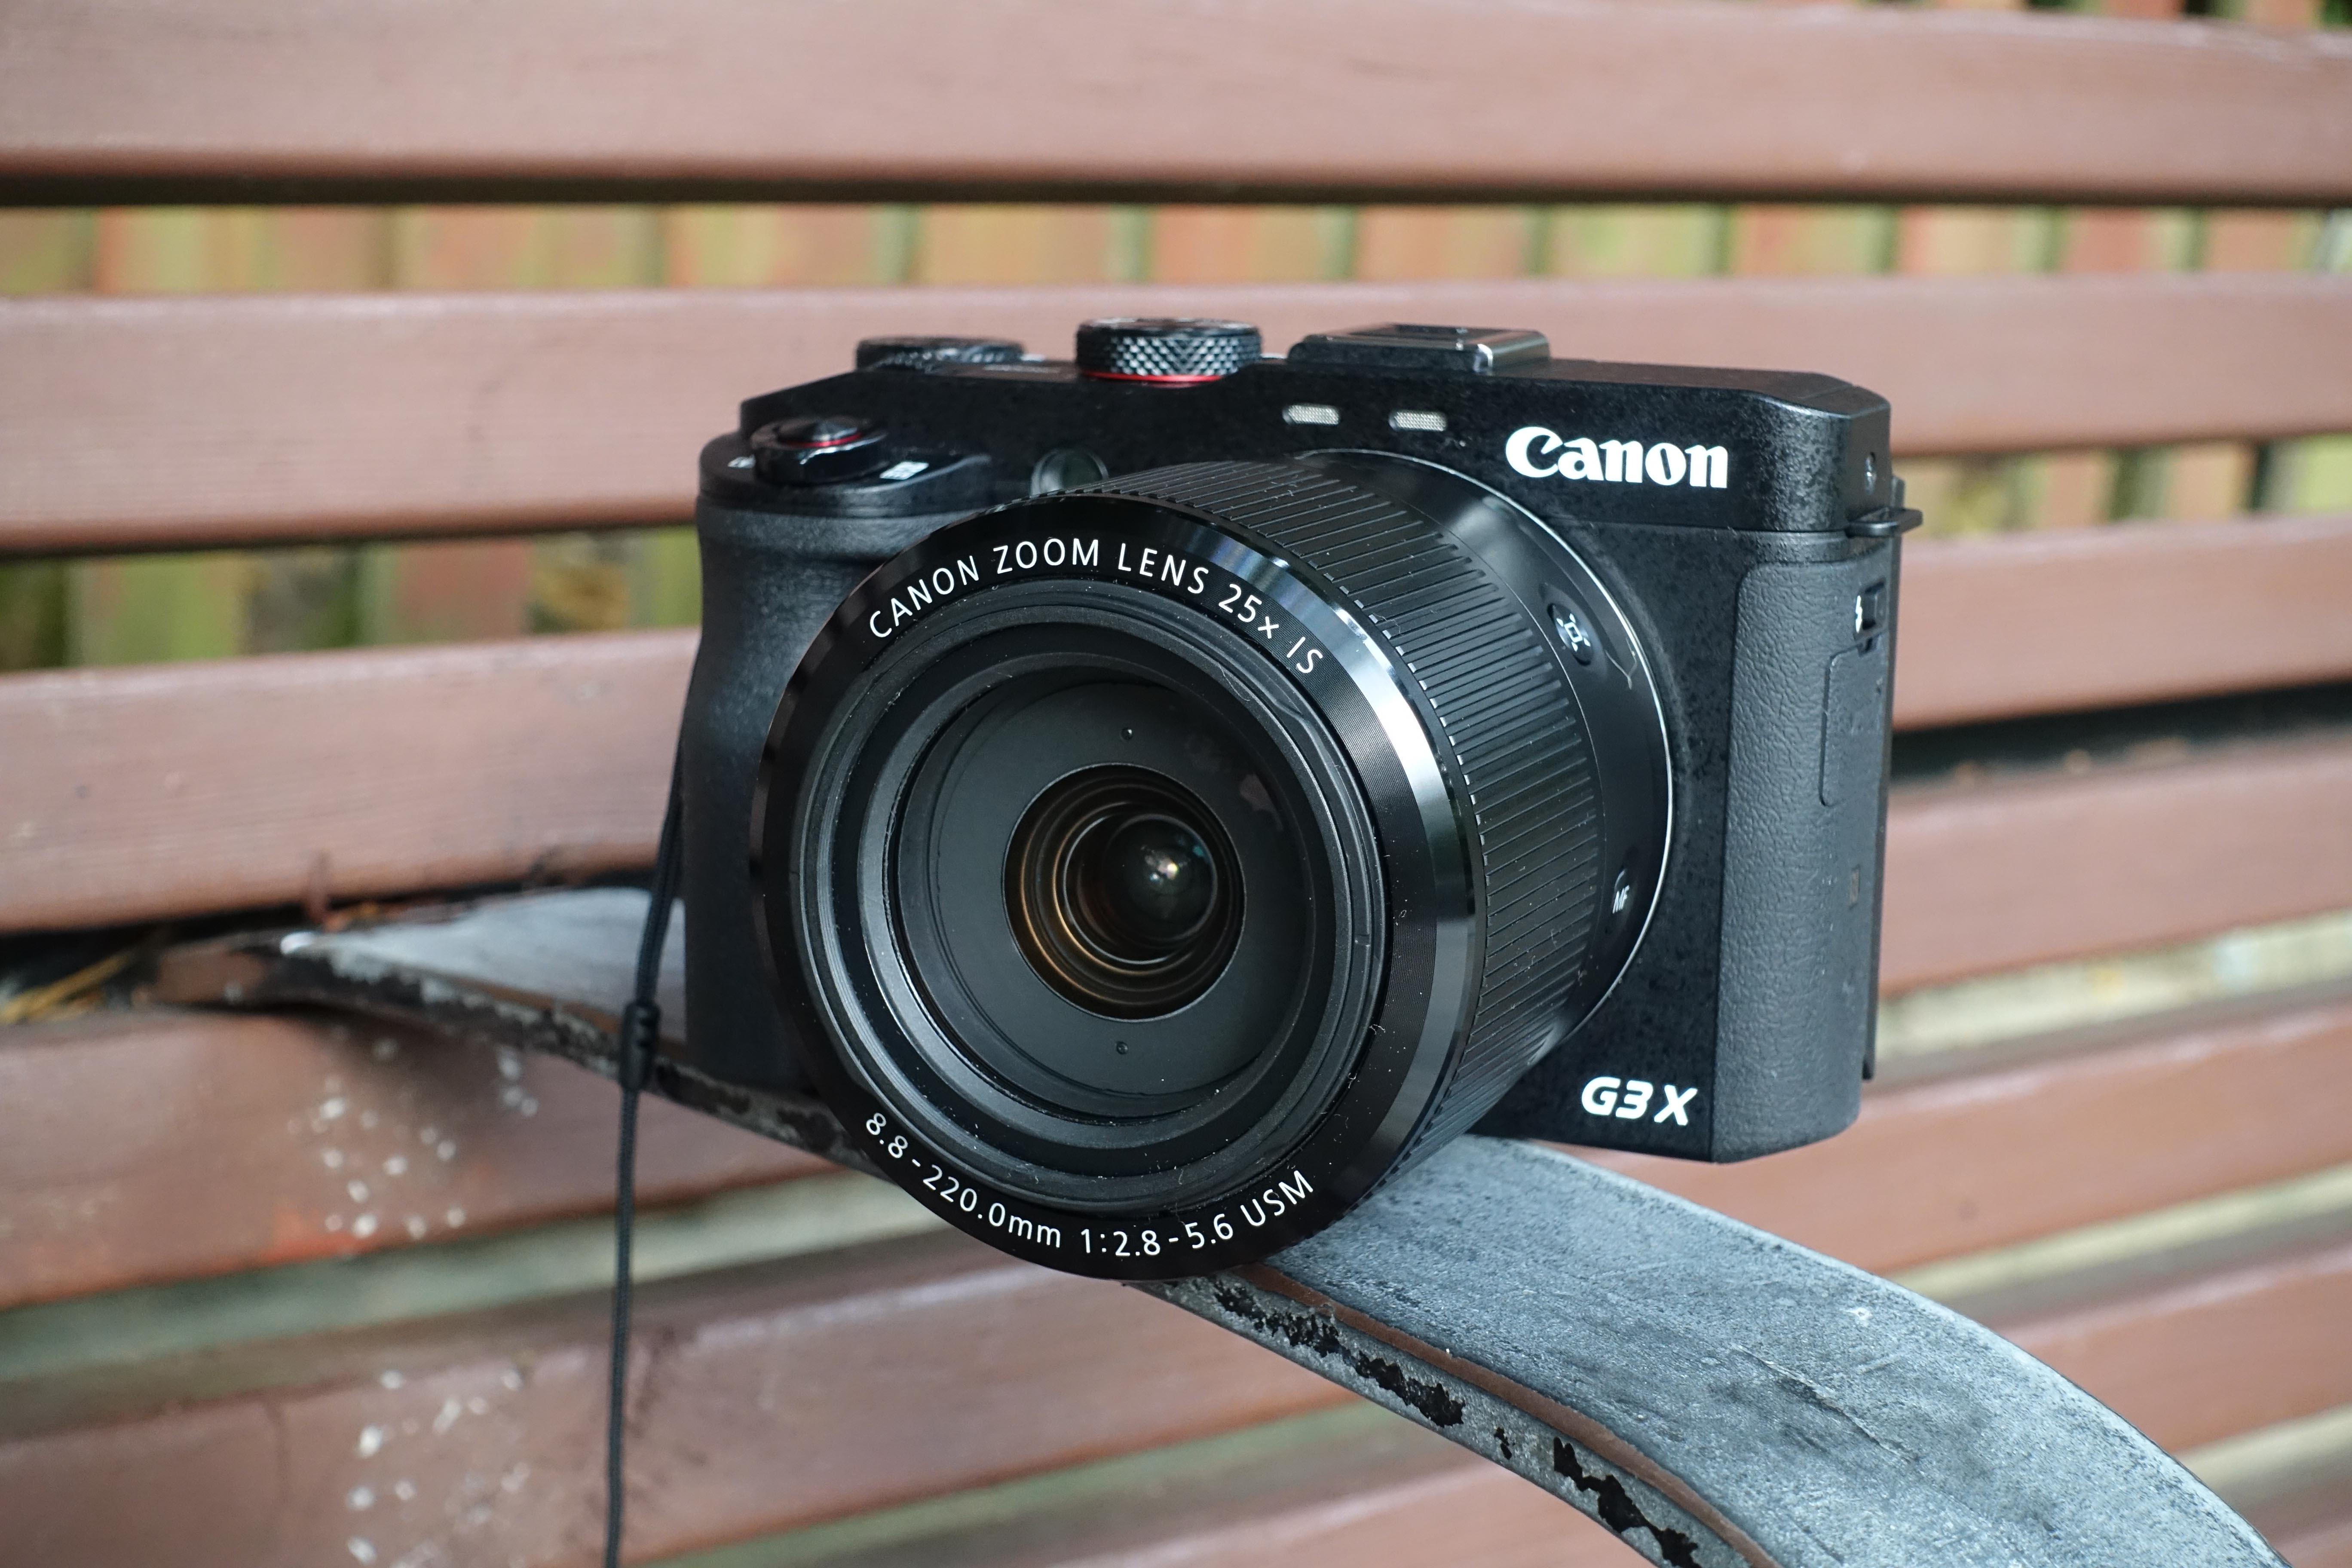 專業與天涯機混合體   Canon PowerShot G3 X 上手實試